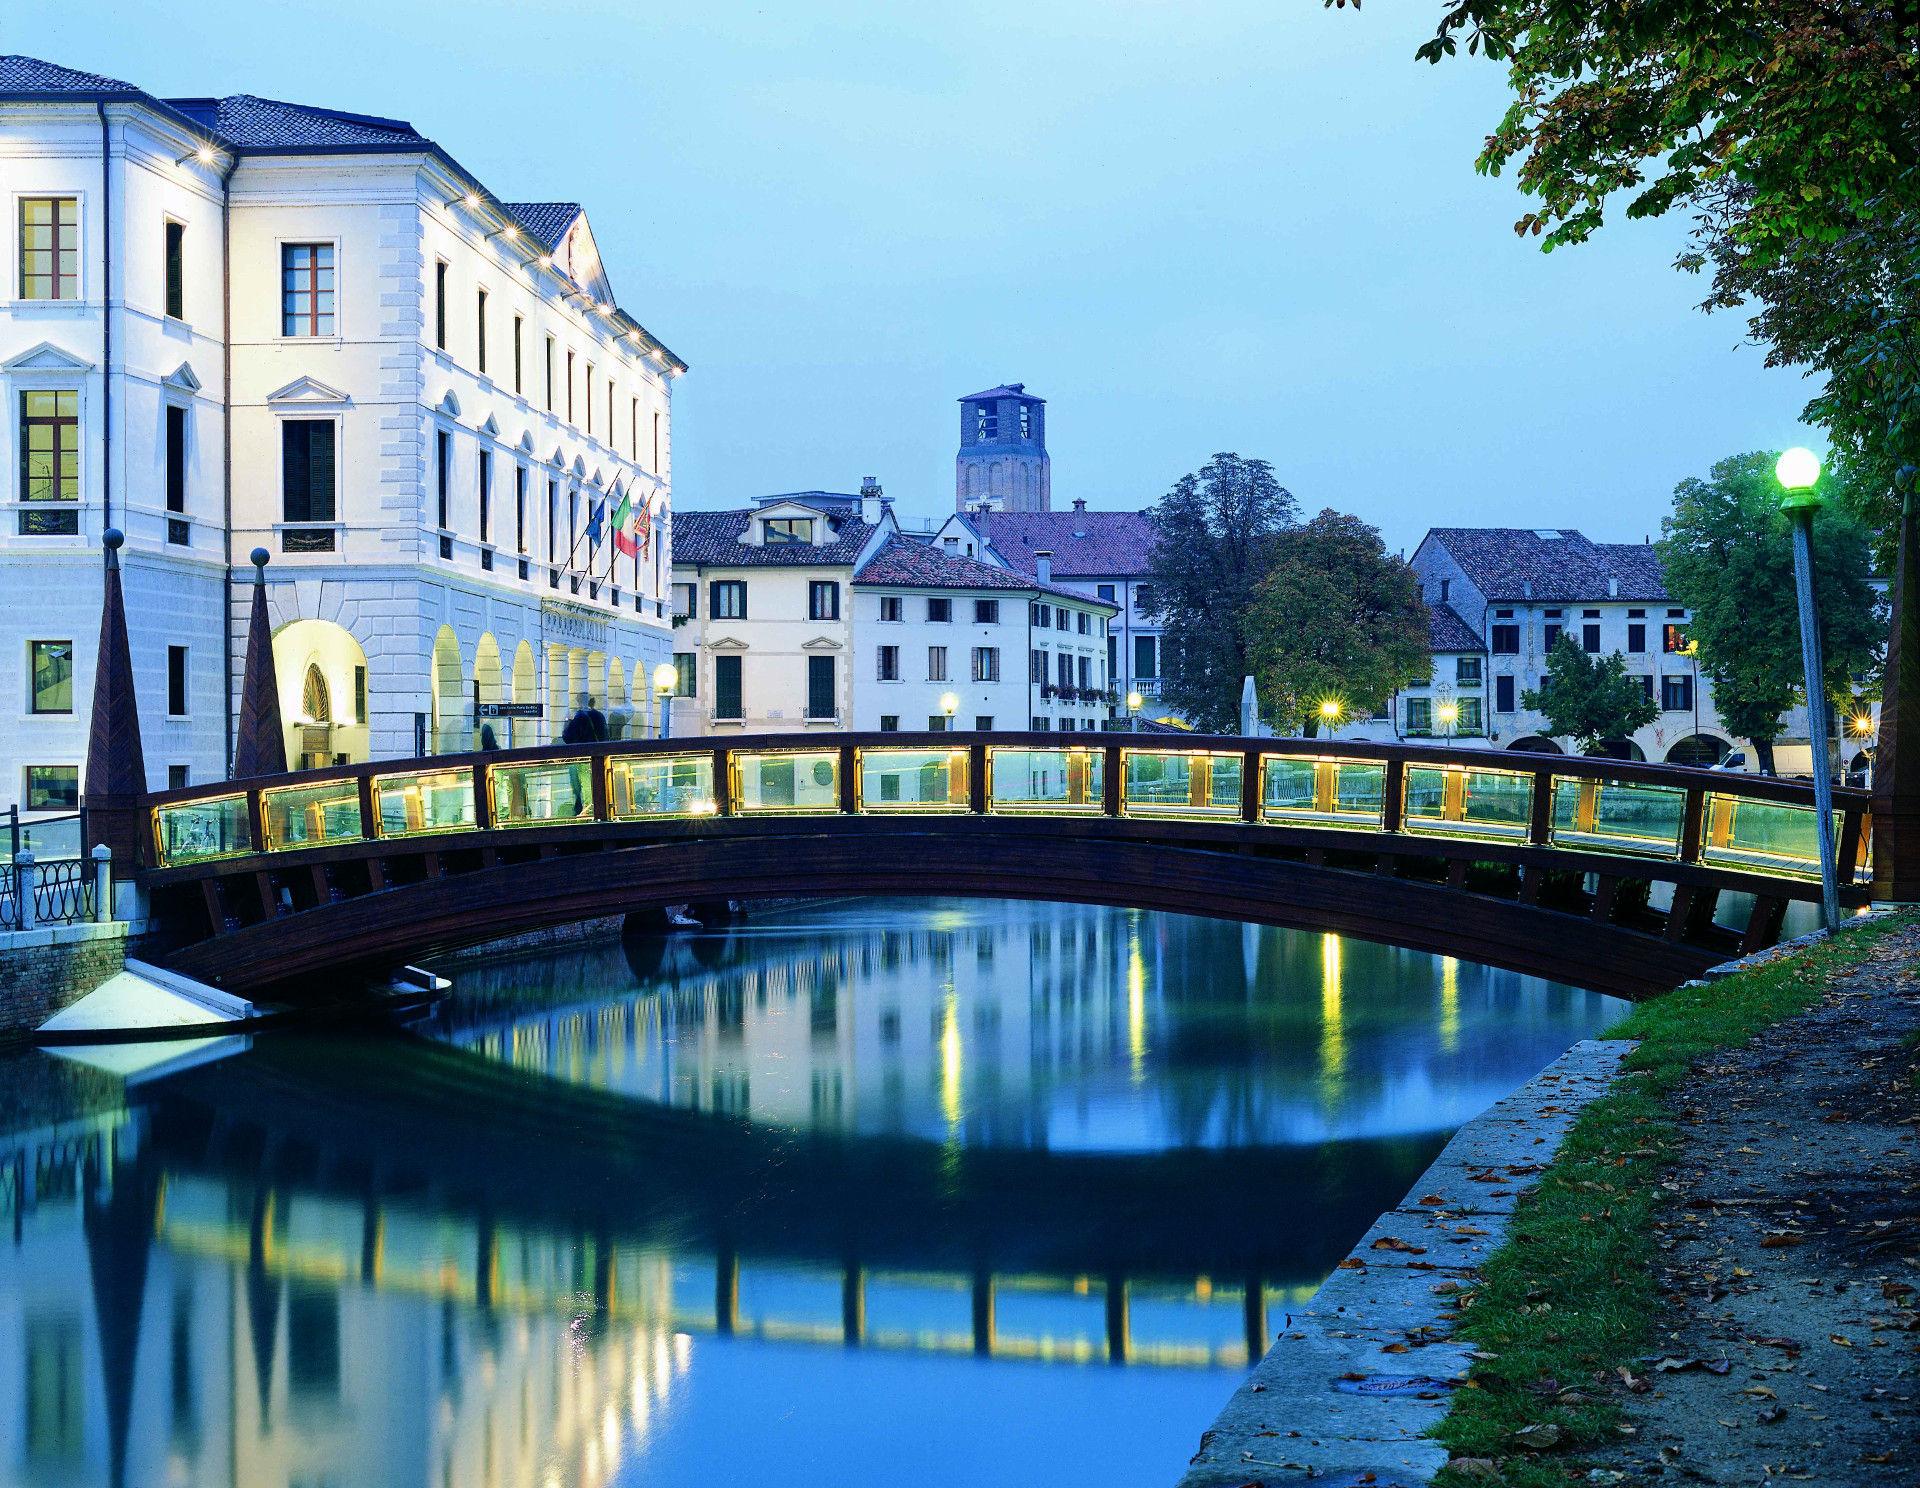 Il Quartiere Latino di Treviso - image 6